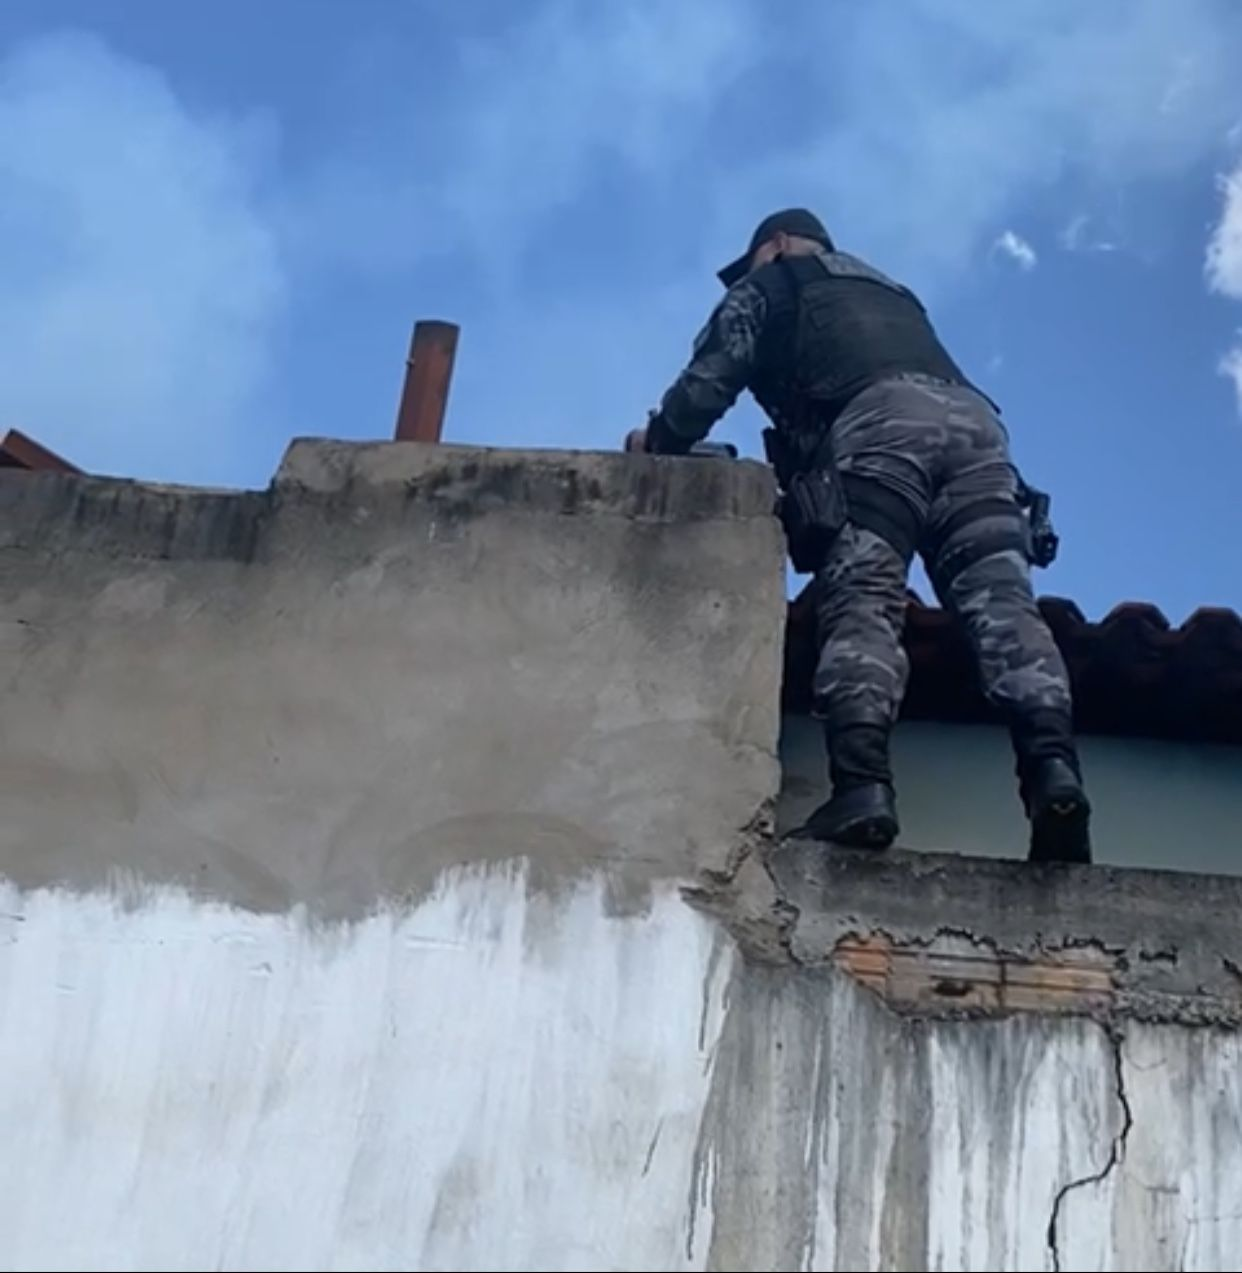 Equipe da Força Tática do 5º BPM salva mulher de incêndio em residência em Barra do Corda